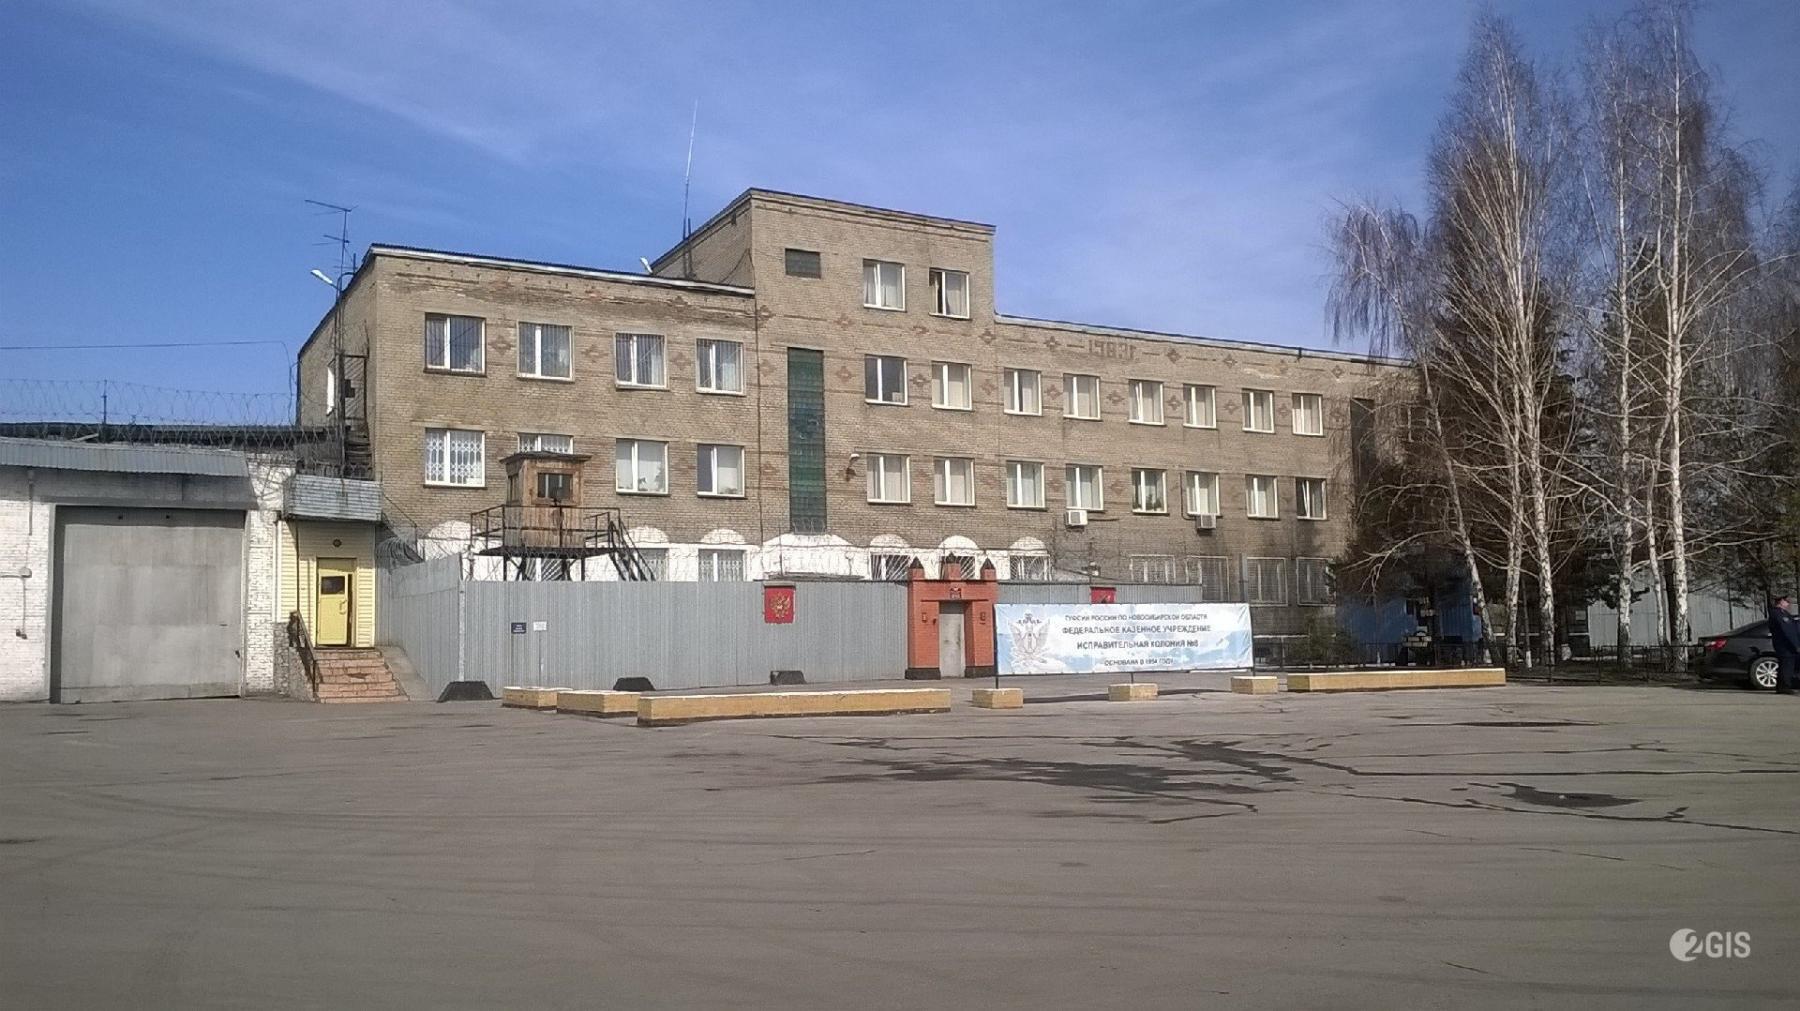 Фото Карта тюрем в городе Новосибирске: районы, кварталы, жилые массивы 9